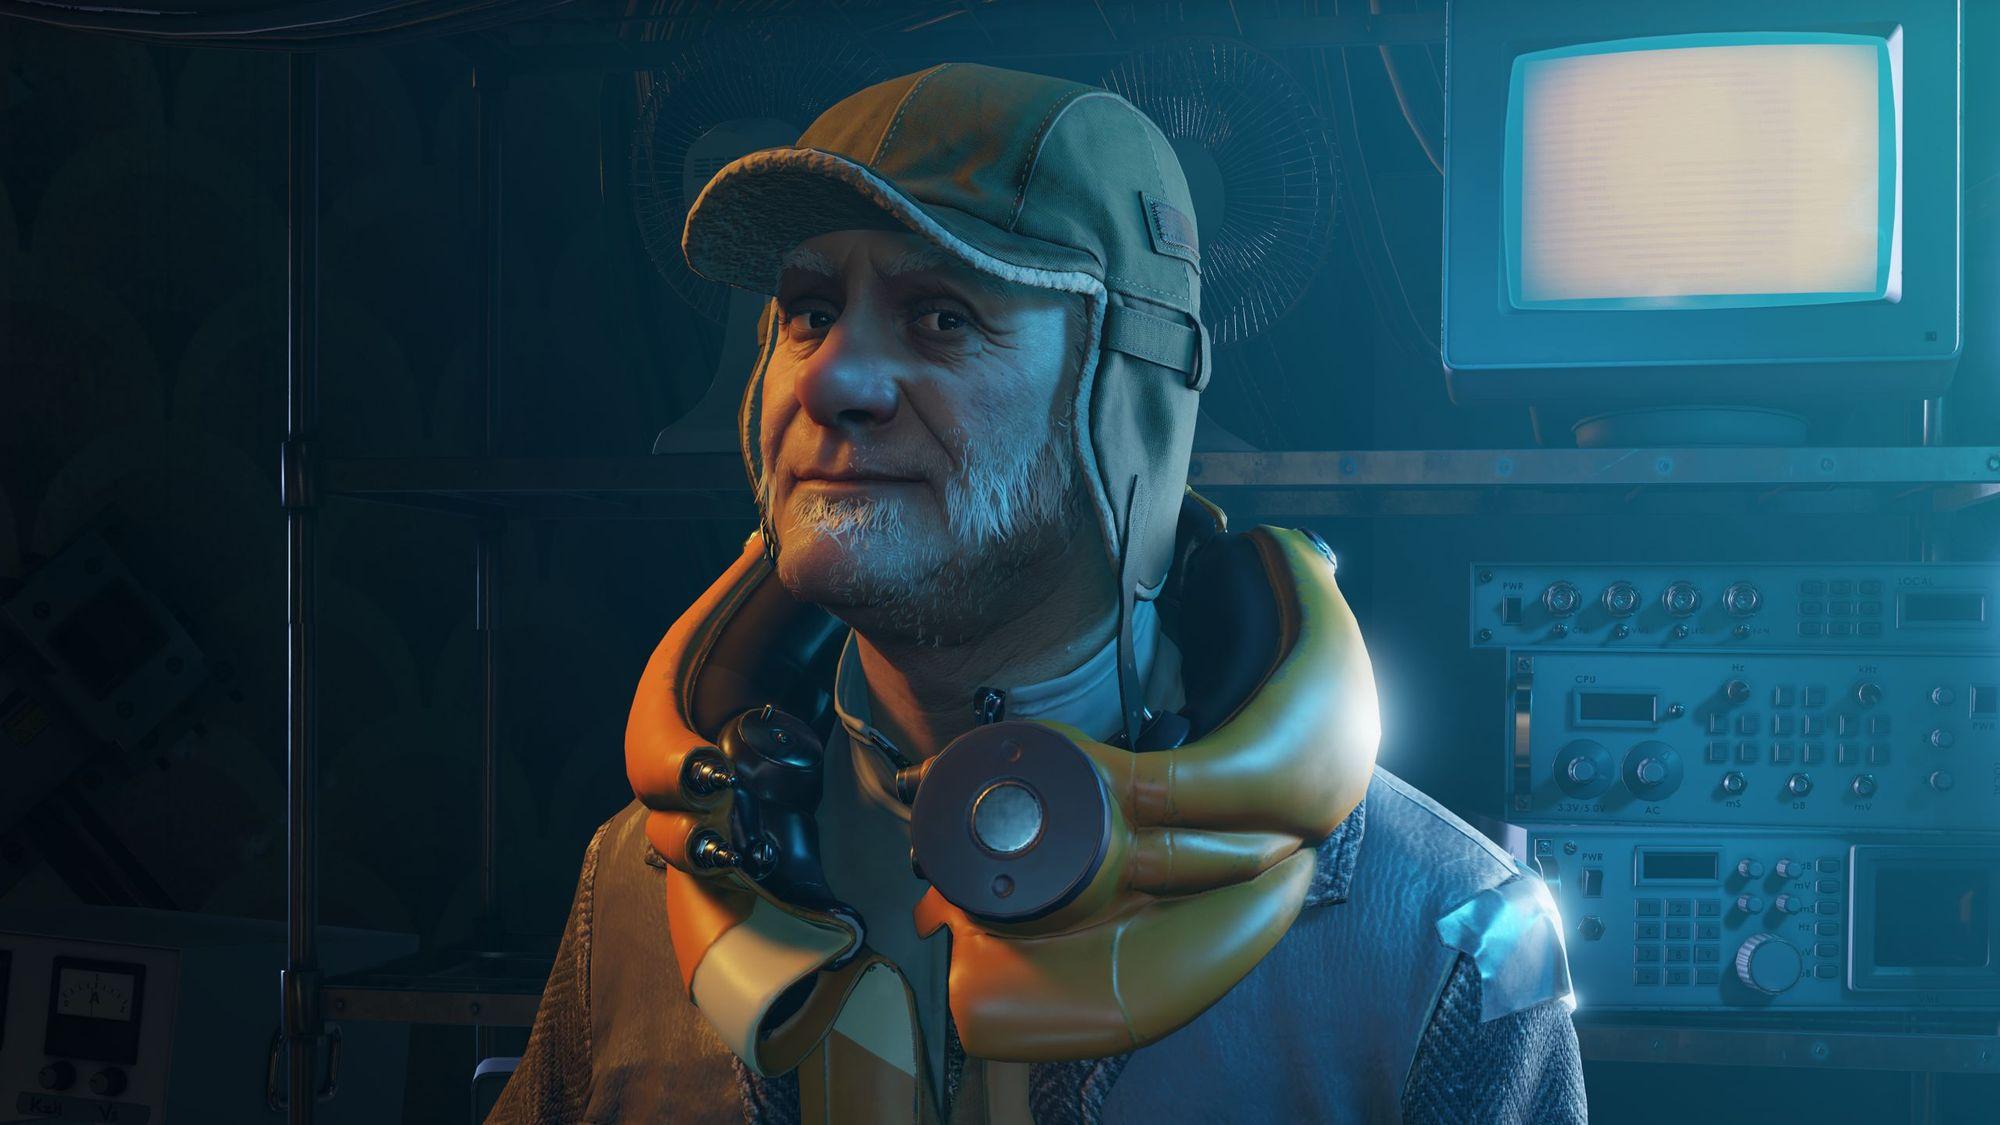 Valve выпустили трейлер VR игры Half-Life: Alyx.